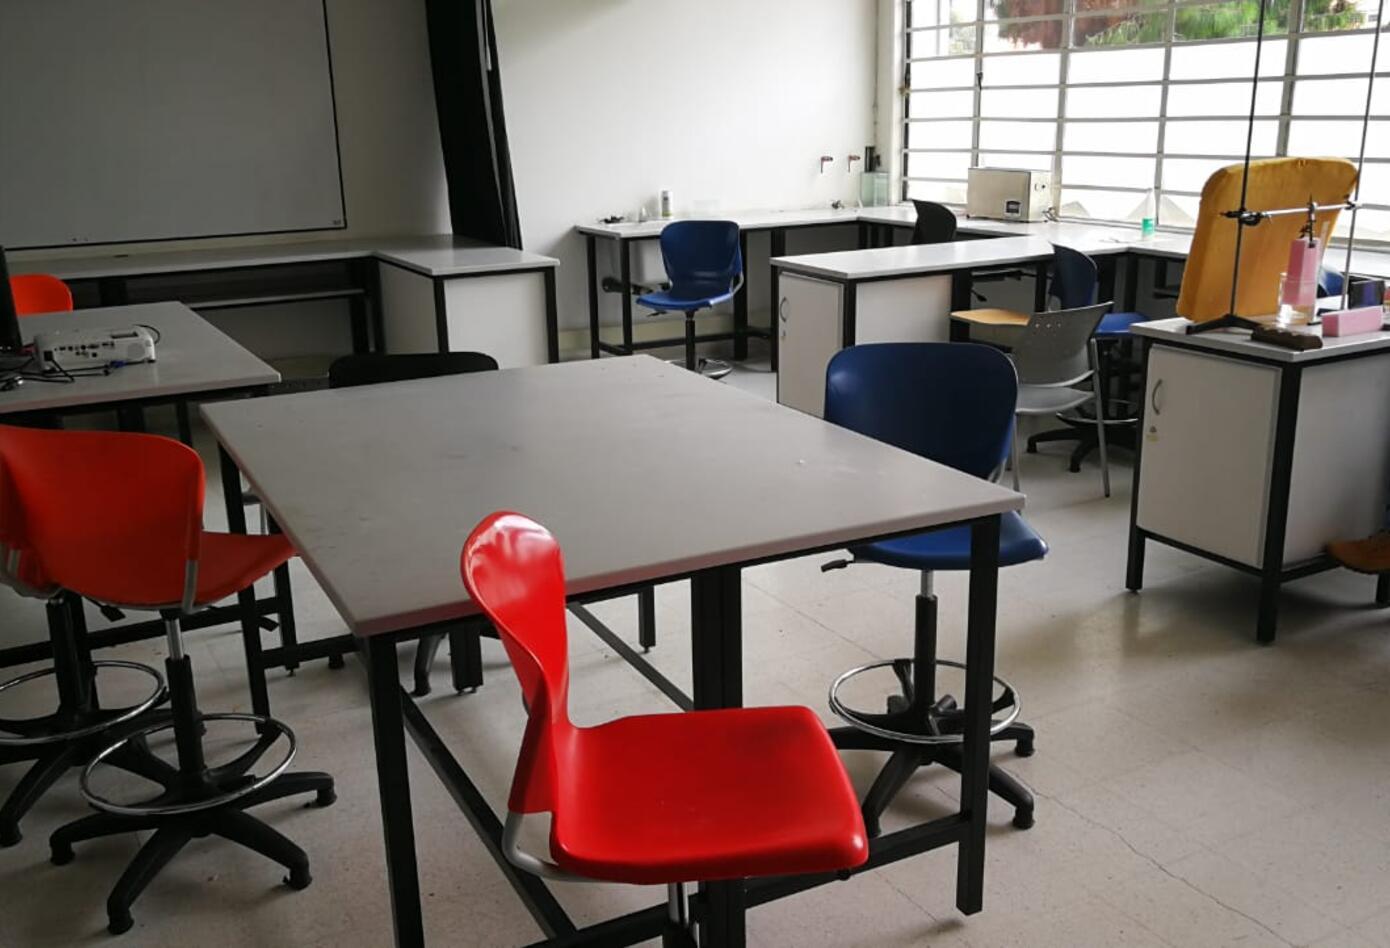 Laboratorio de Física, Universidad Nacional